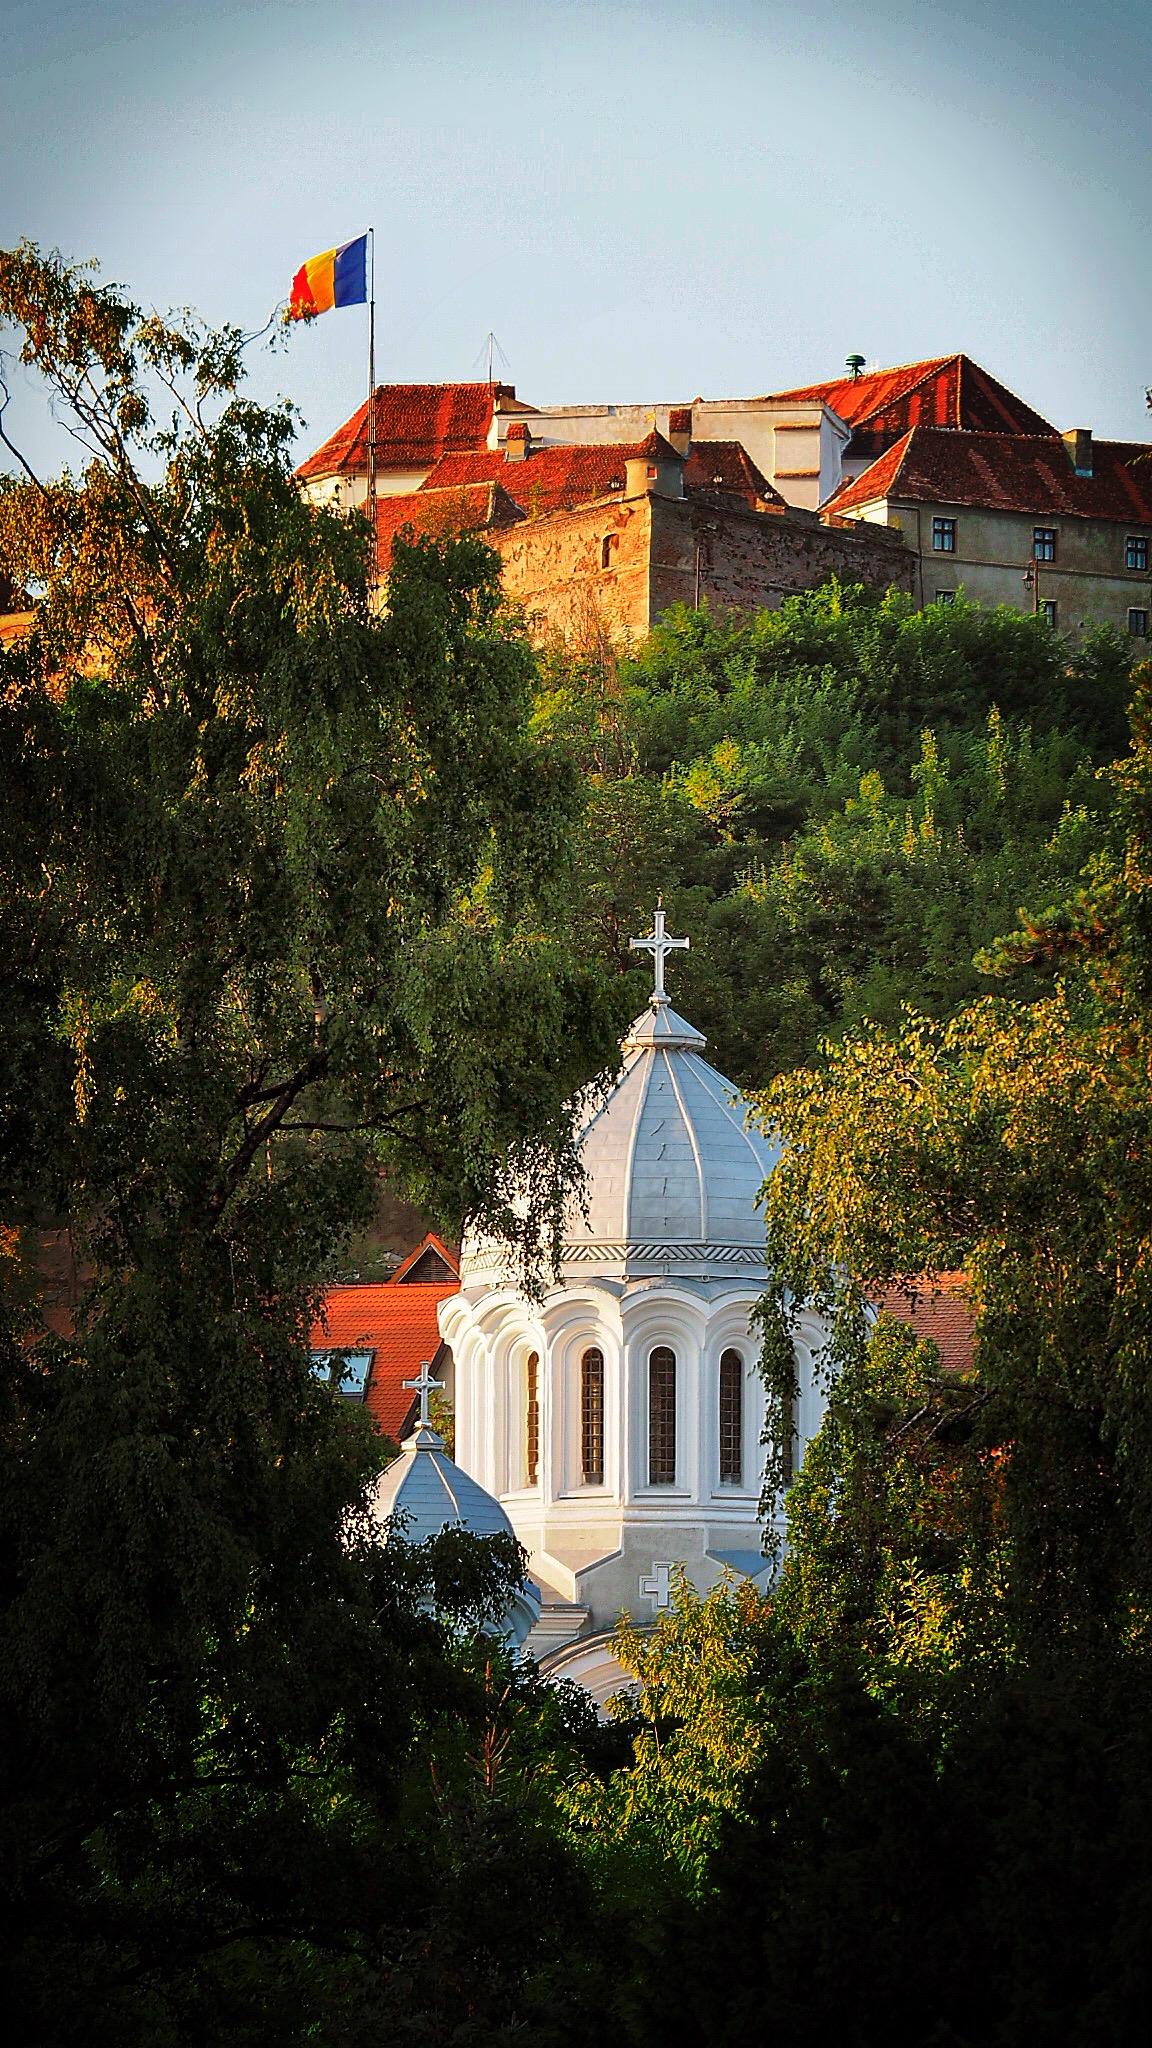 Brașov (Kronstadt)